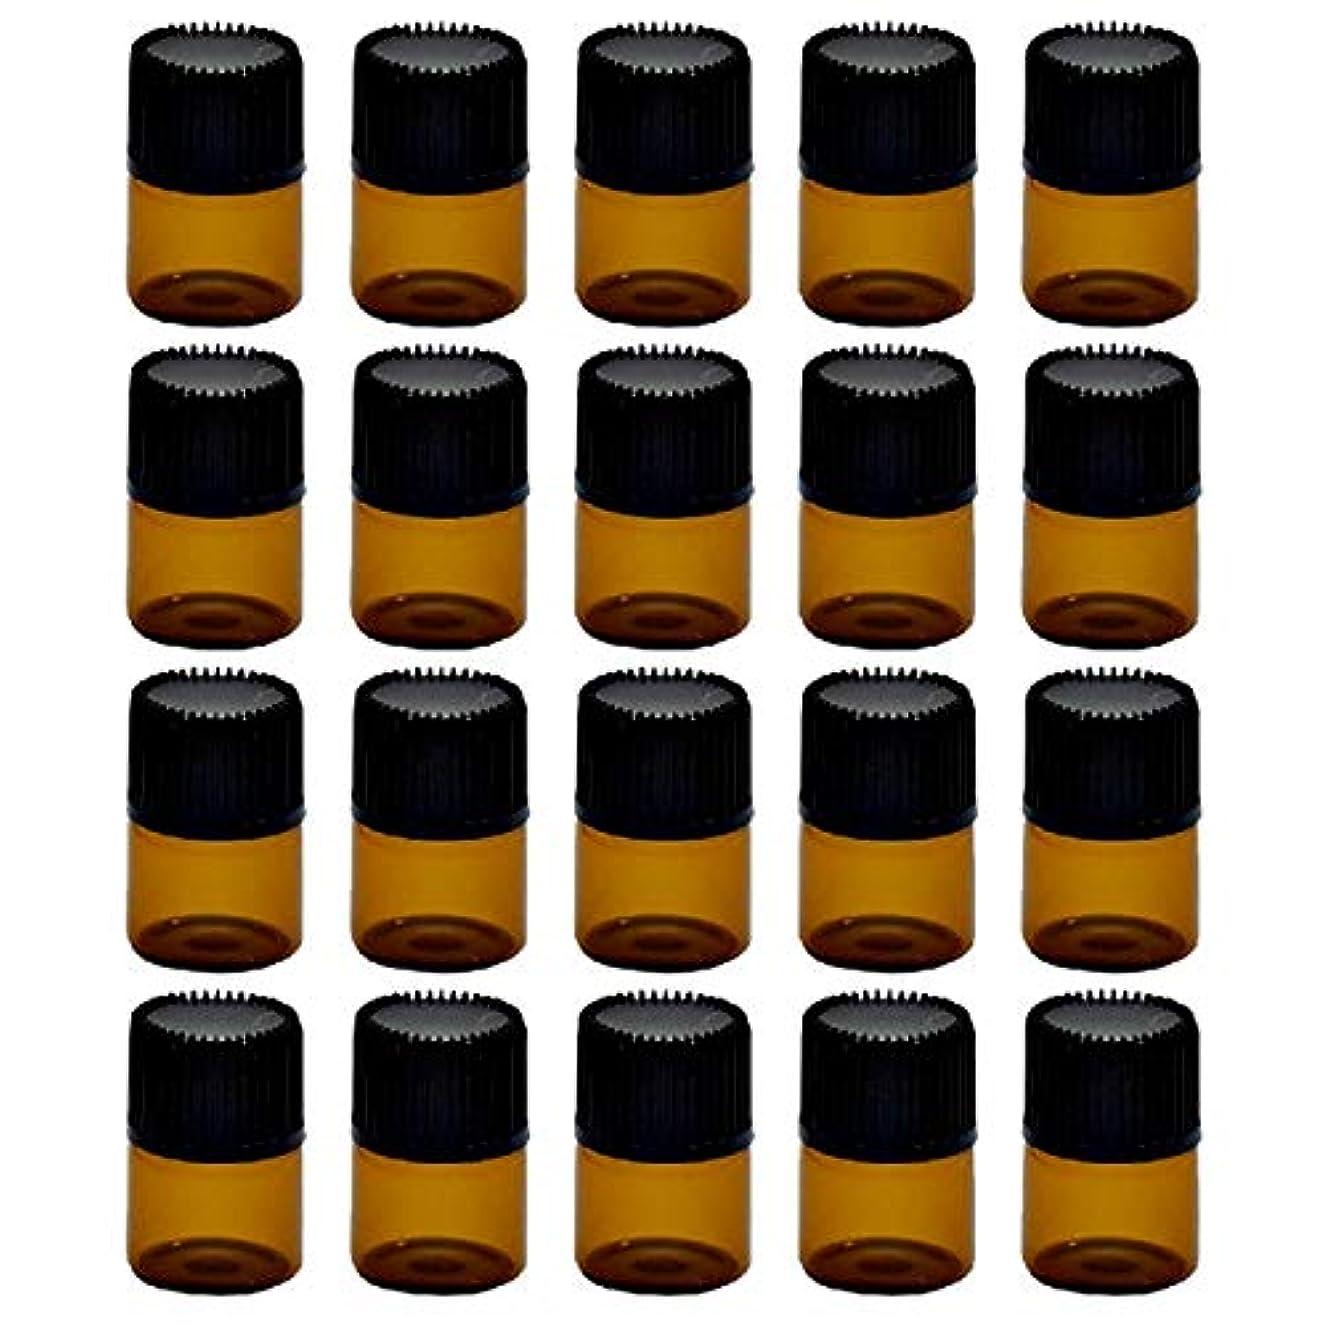 太陽牛肉当社ZERONOWA 遮光瓶 アロマオイル 精油 小分け 保存 詰め替え 遮光ガラス瓶 (1ml20個セット)